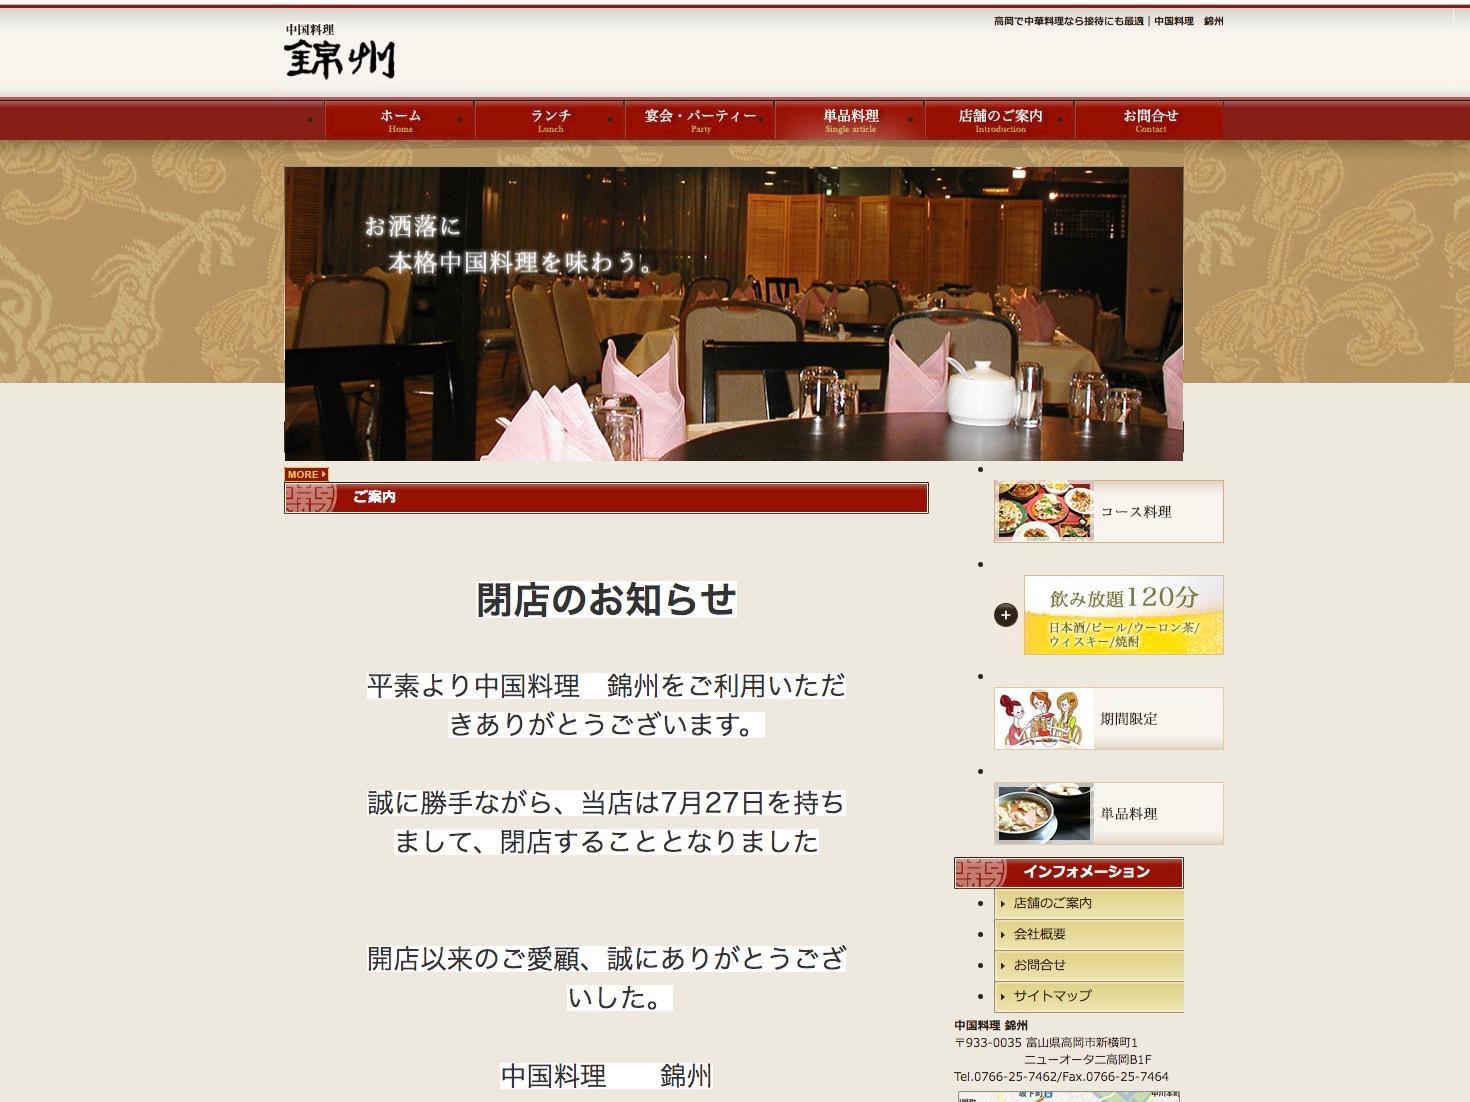 中華料理錦州閉店